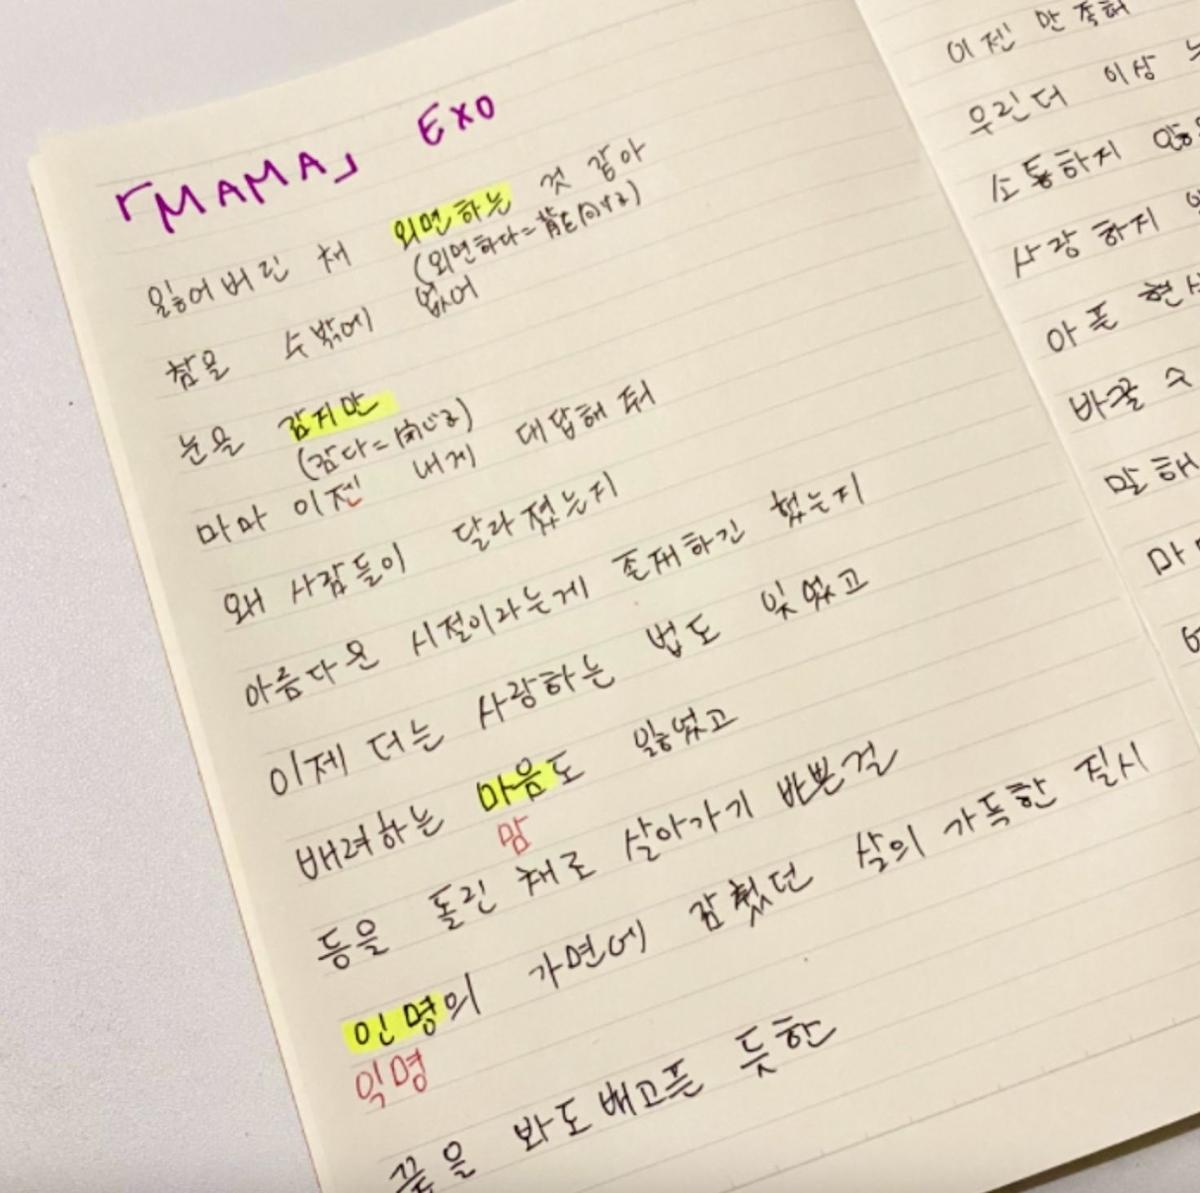 かわいい 韓国語 ノート